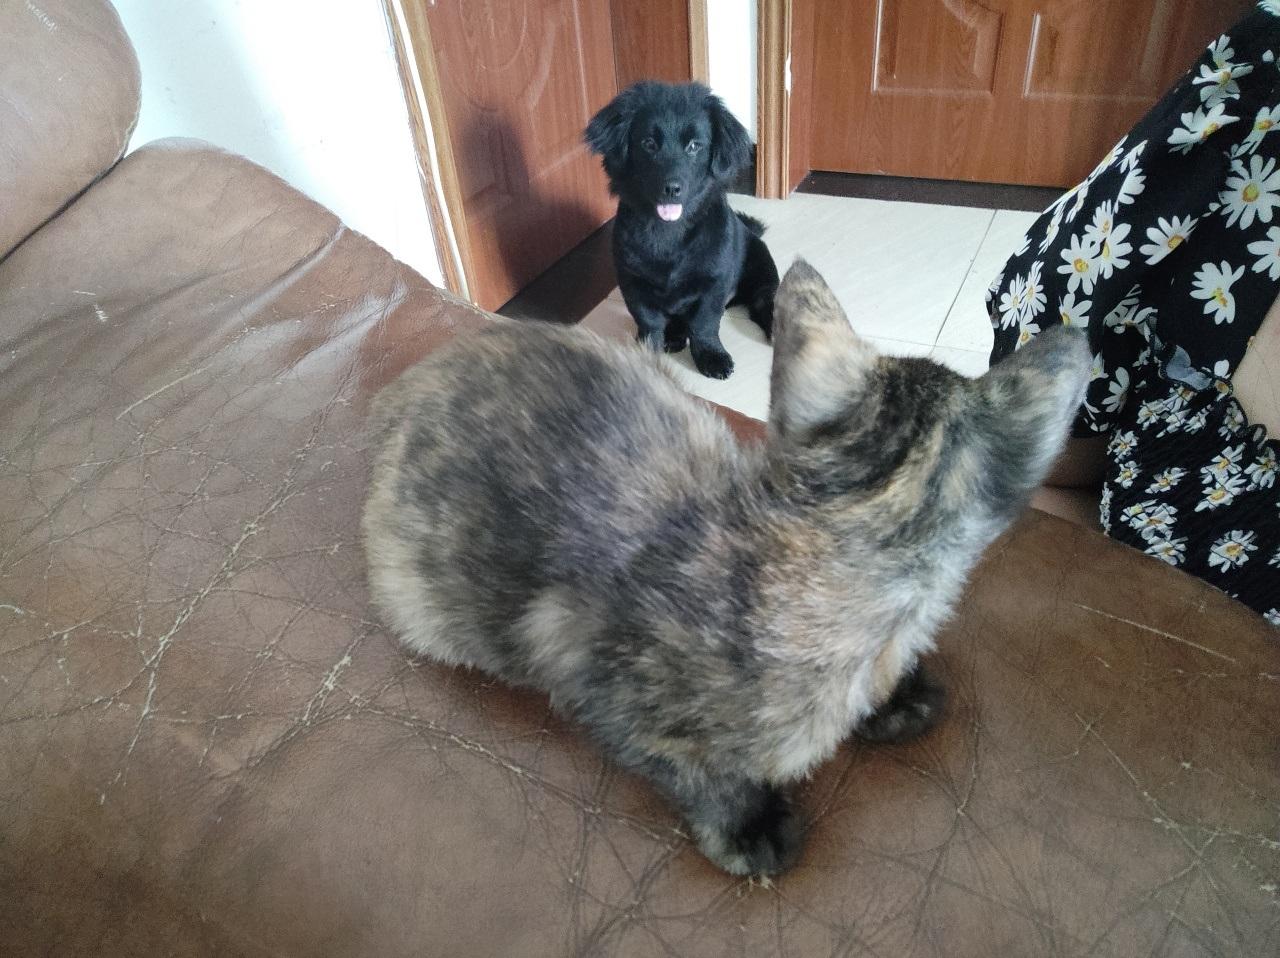 捡到的一只小猫 有没有喜欢要领养的朋友